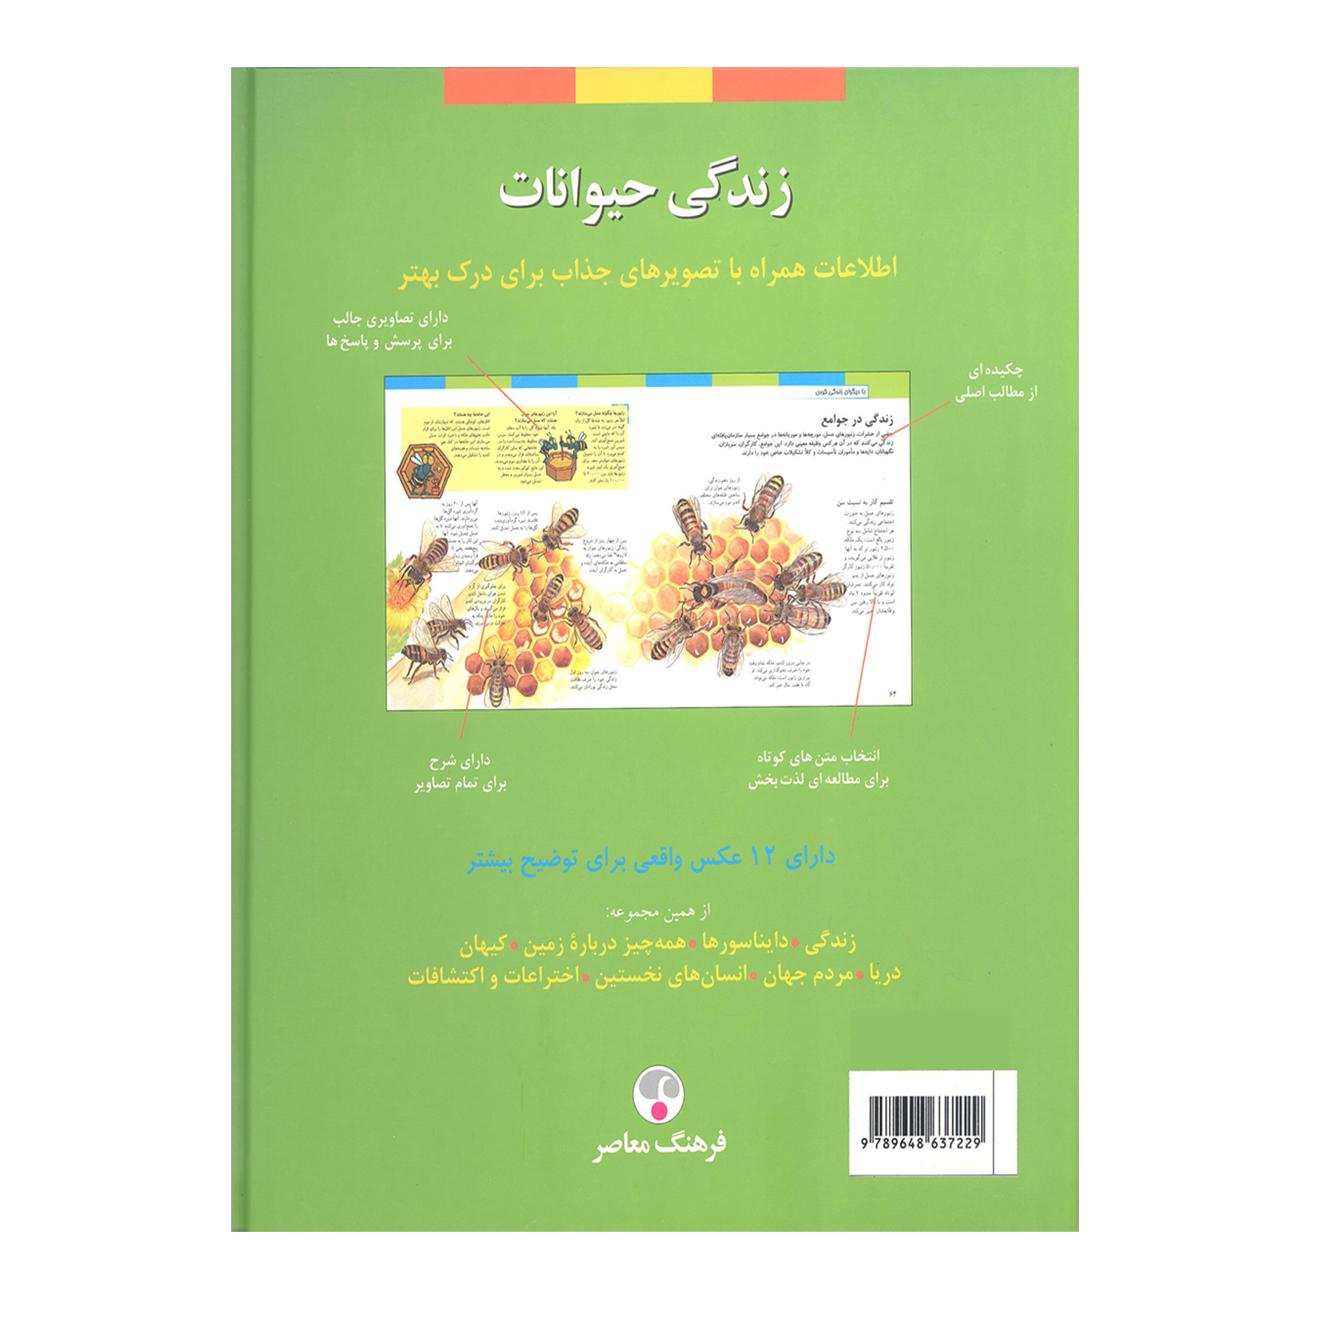 کتاب زندگی حیوانات اثر مریم موسوی انتشارات فرهنگ معاصر